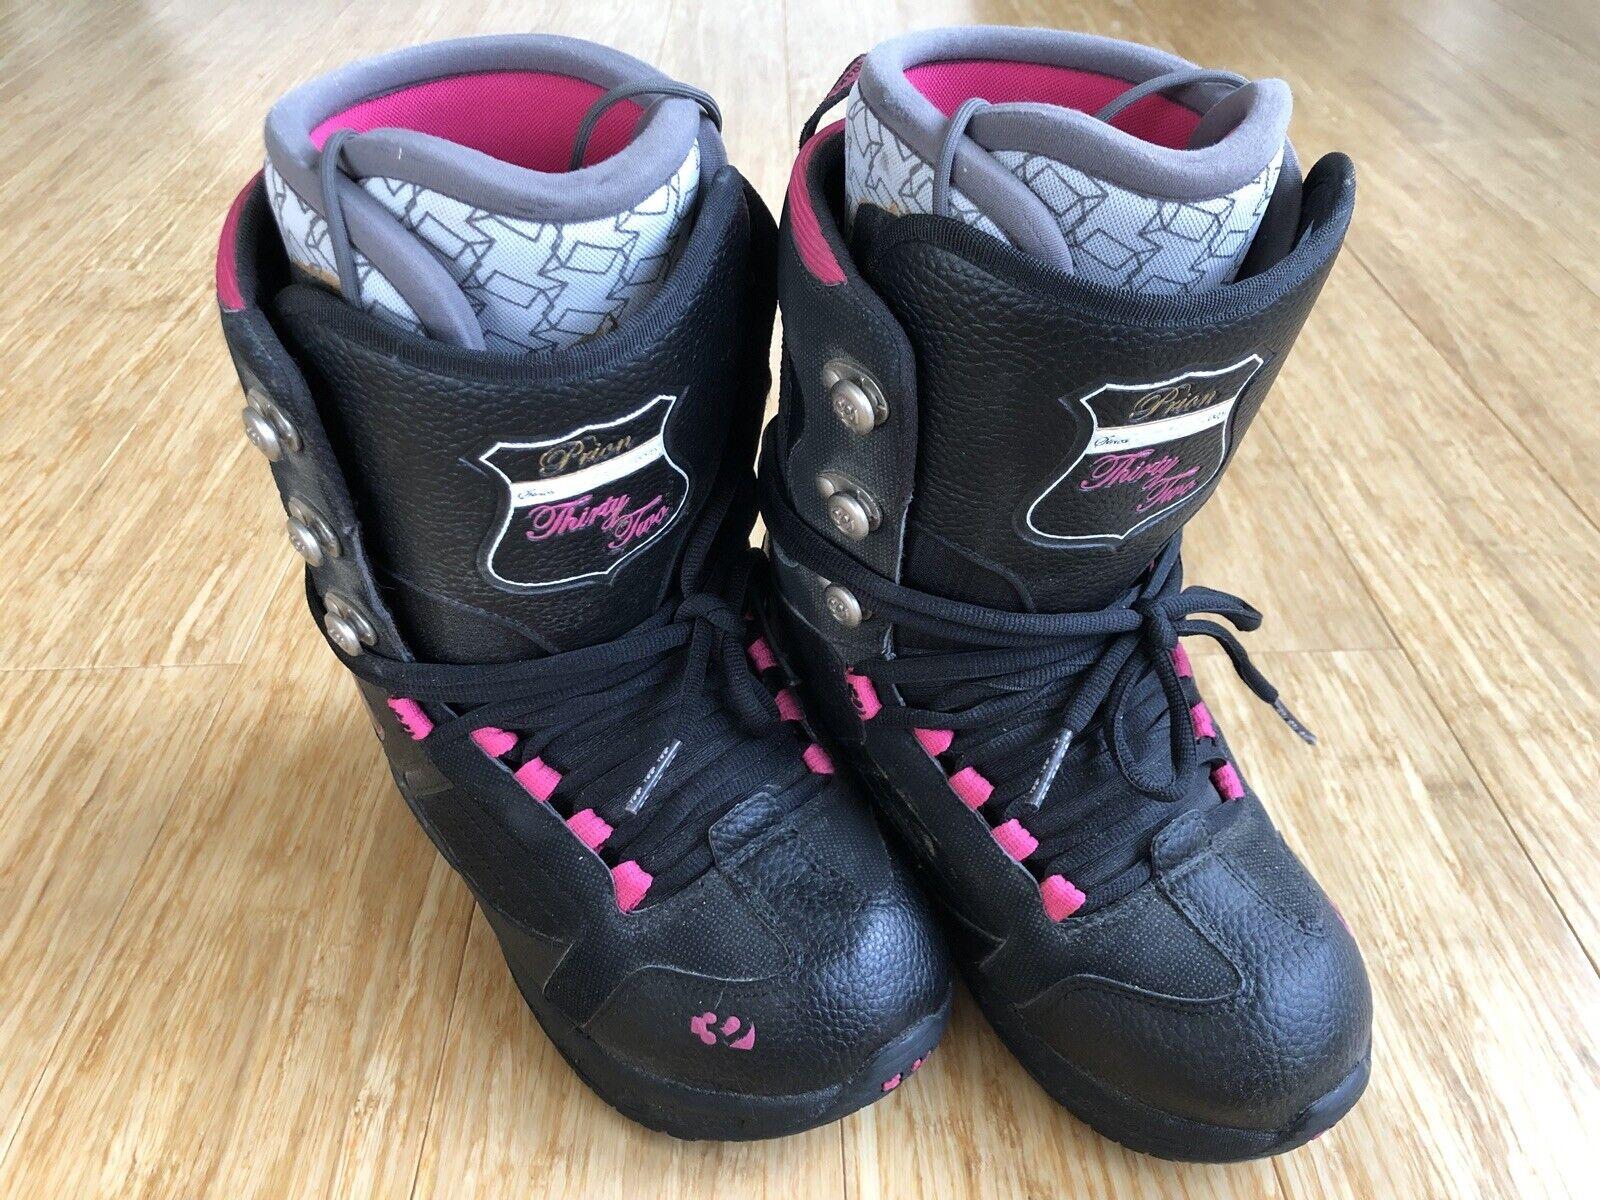 ThirtyTwo Prion damen's 7.5 (7 1 2) Snowboard Stiefel